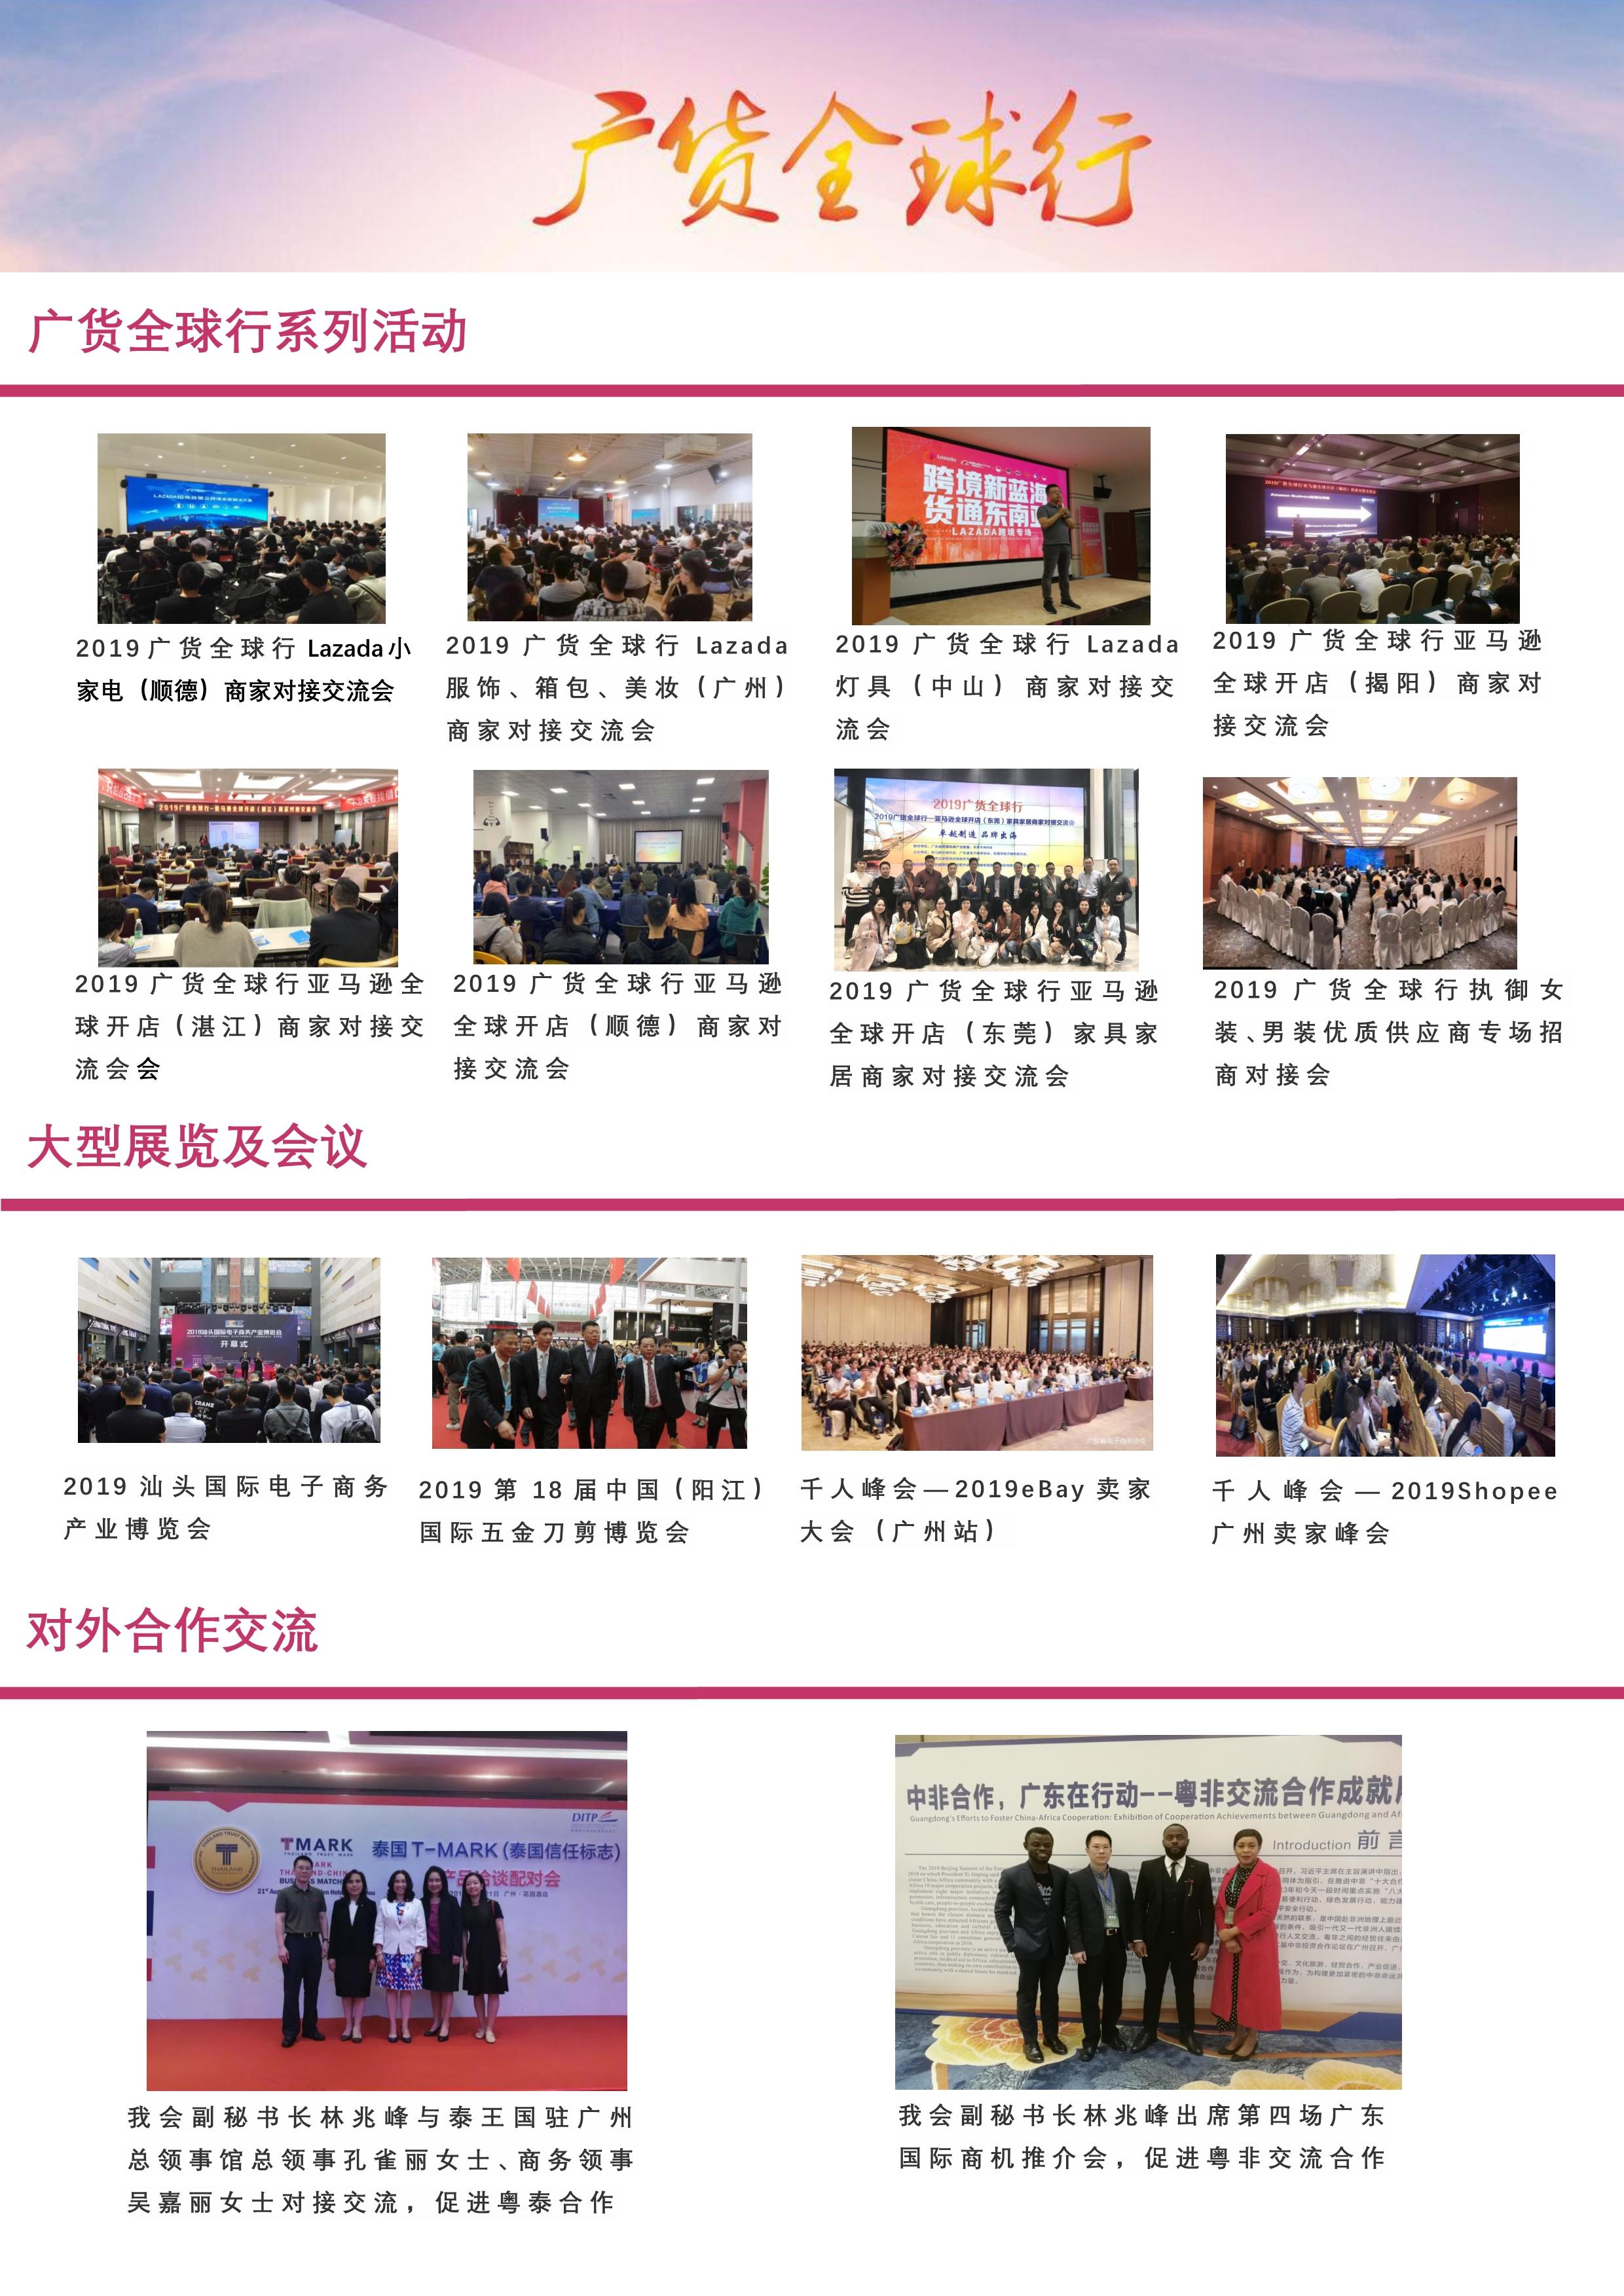 广东省跨境电商和数字商务产业联盟-网站_1-2